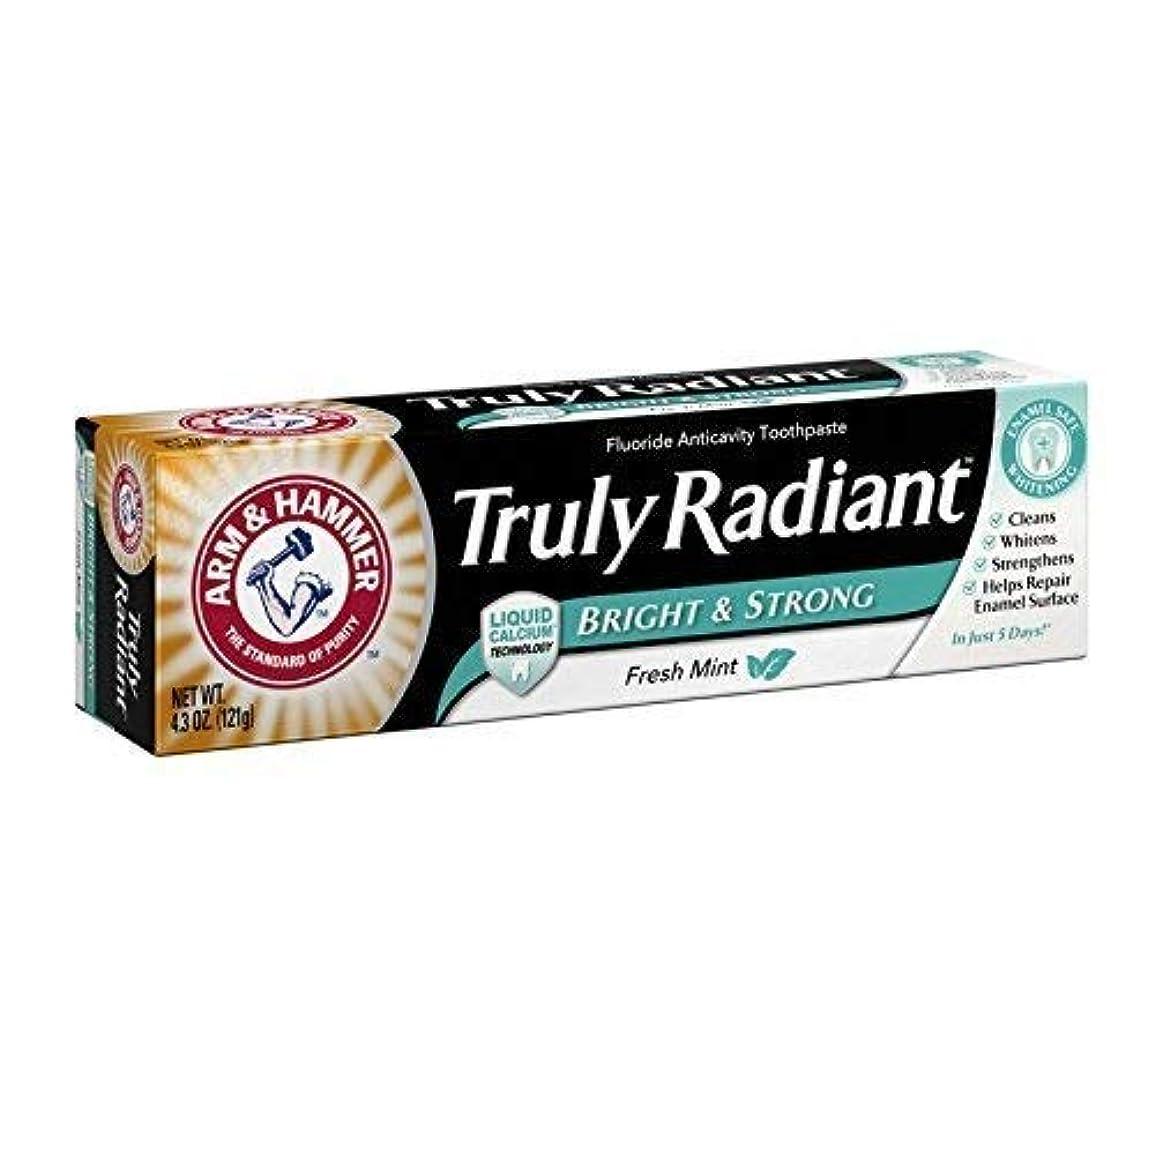 強度マッシュ明確にArm & Hammer 本当にラディアン明るい&ストロングフッ化物虫歯予防歯磨きフレッシュミント4.3オズ 4.3 NET WT。